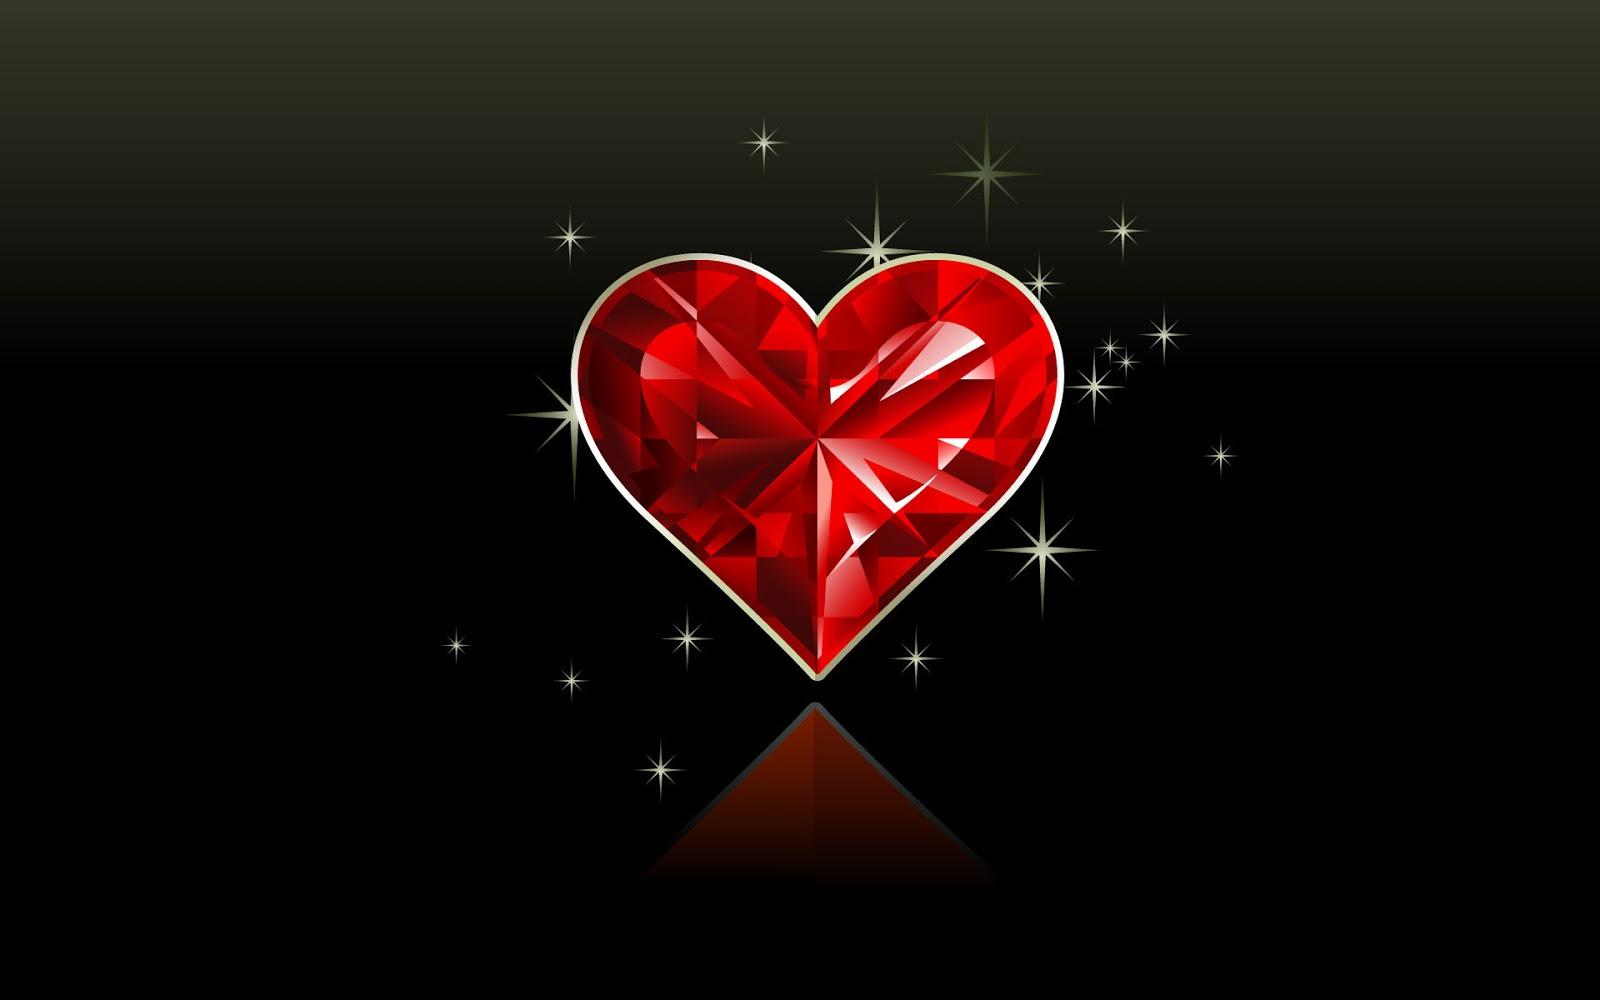 Corazón rojo | Wallpaper - Imágenes Para Compartir SaGiTaRioXP